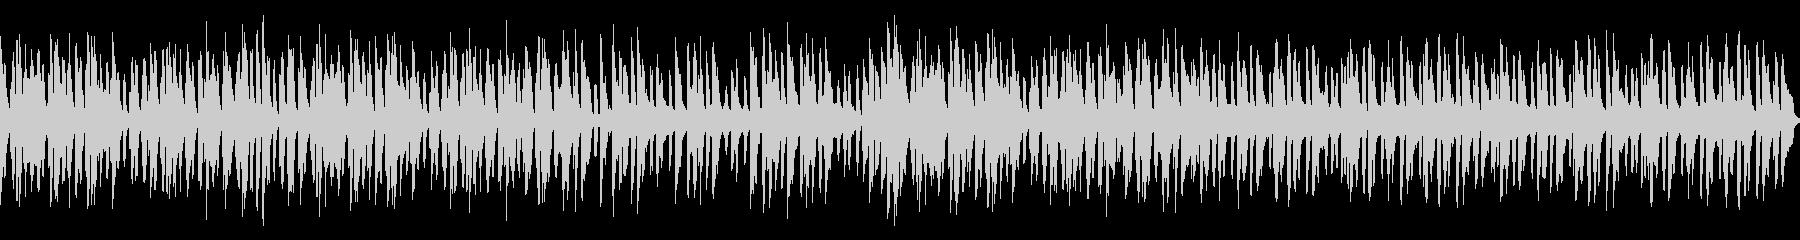 メルヘン明るく跳ねる可愛いワルツ(ループの未再生の波形